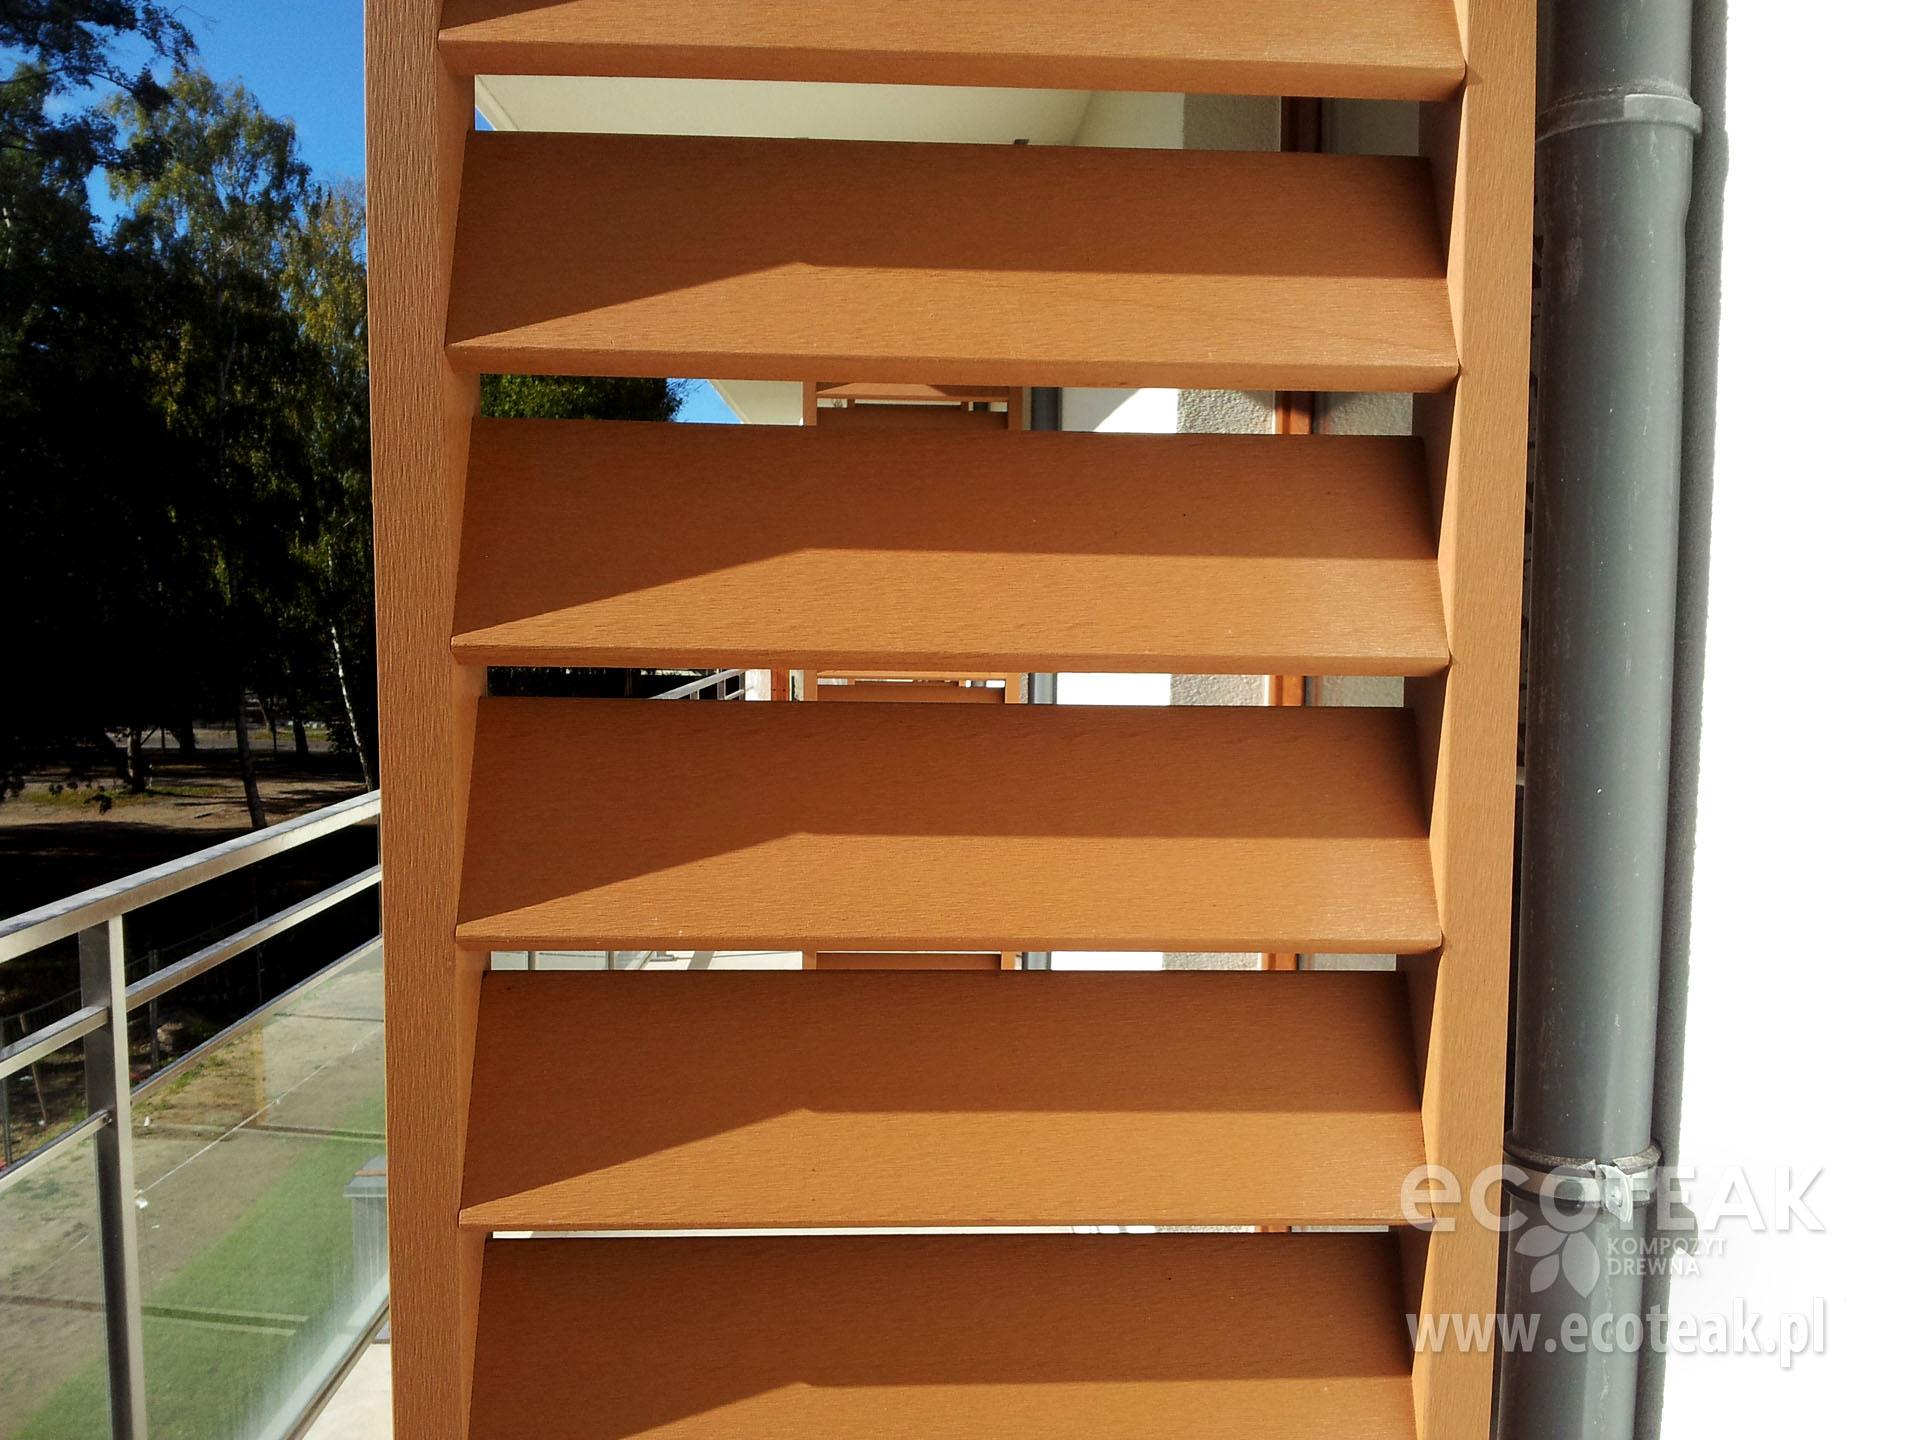 Przegrody balkonowe z kompozytów drewna EcoTeak